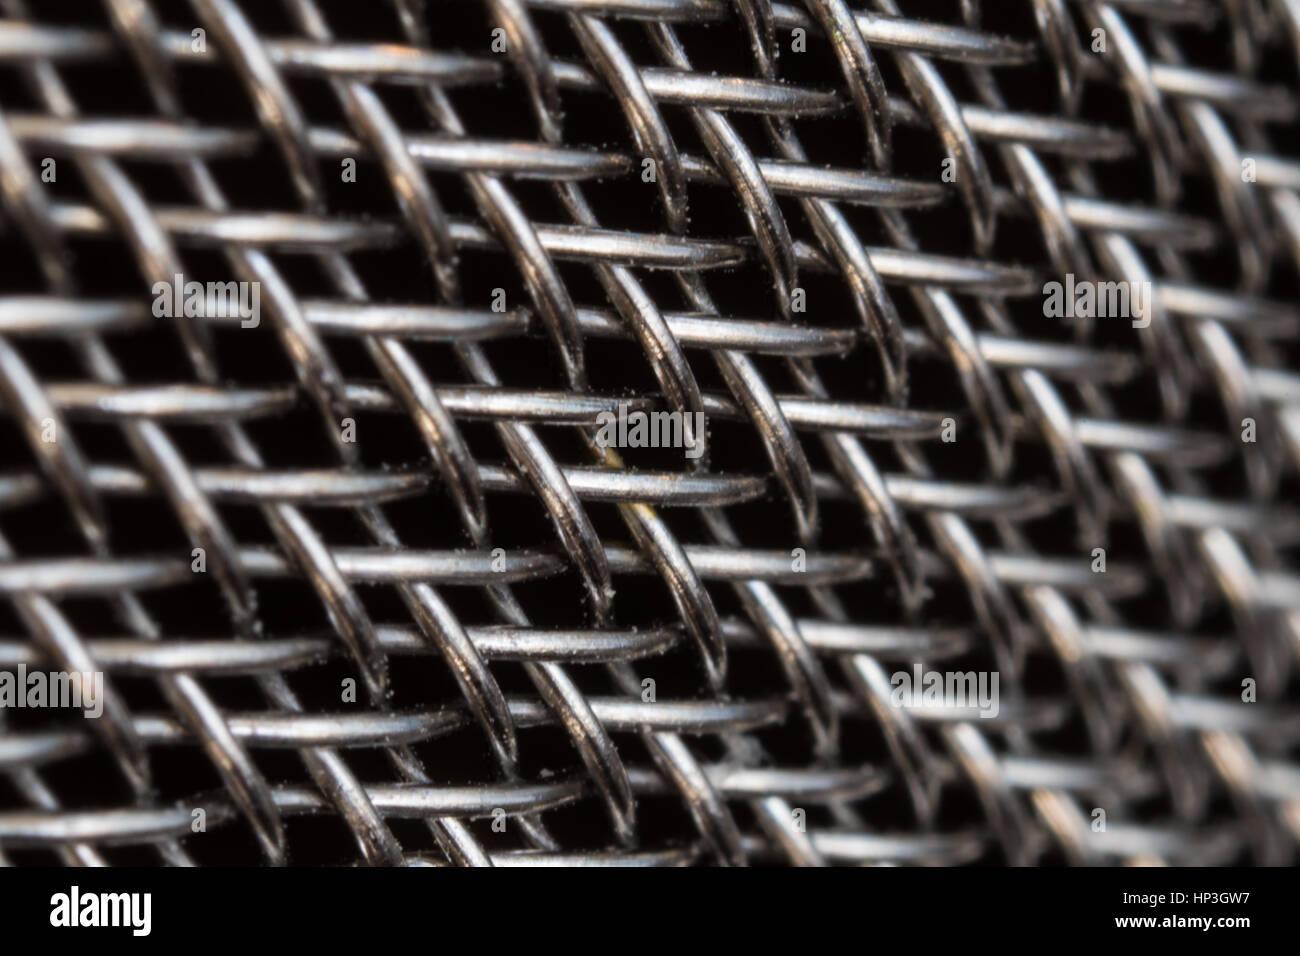 Fine Wire Mesh Stockfotos & Fine Wire Mesh Bilder - Alamy